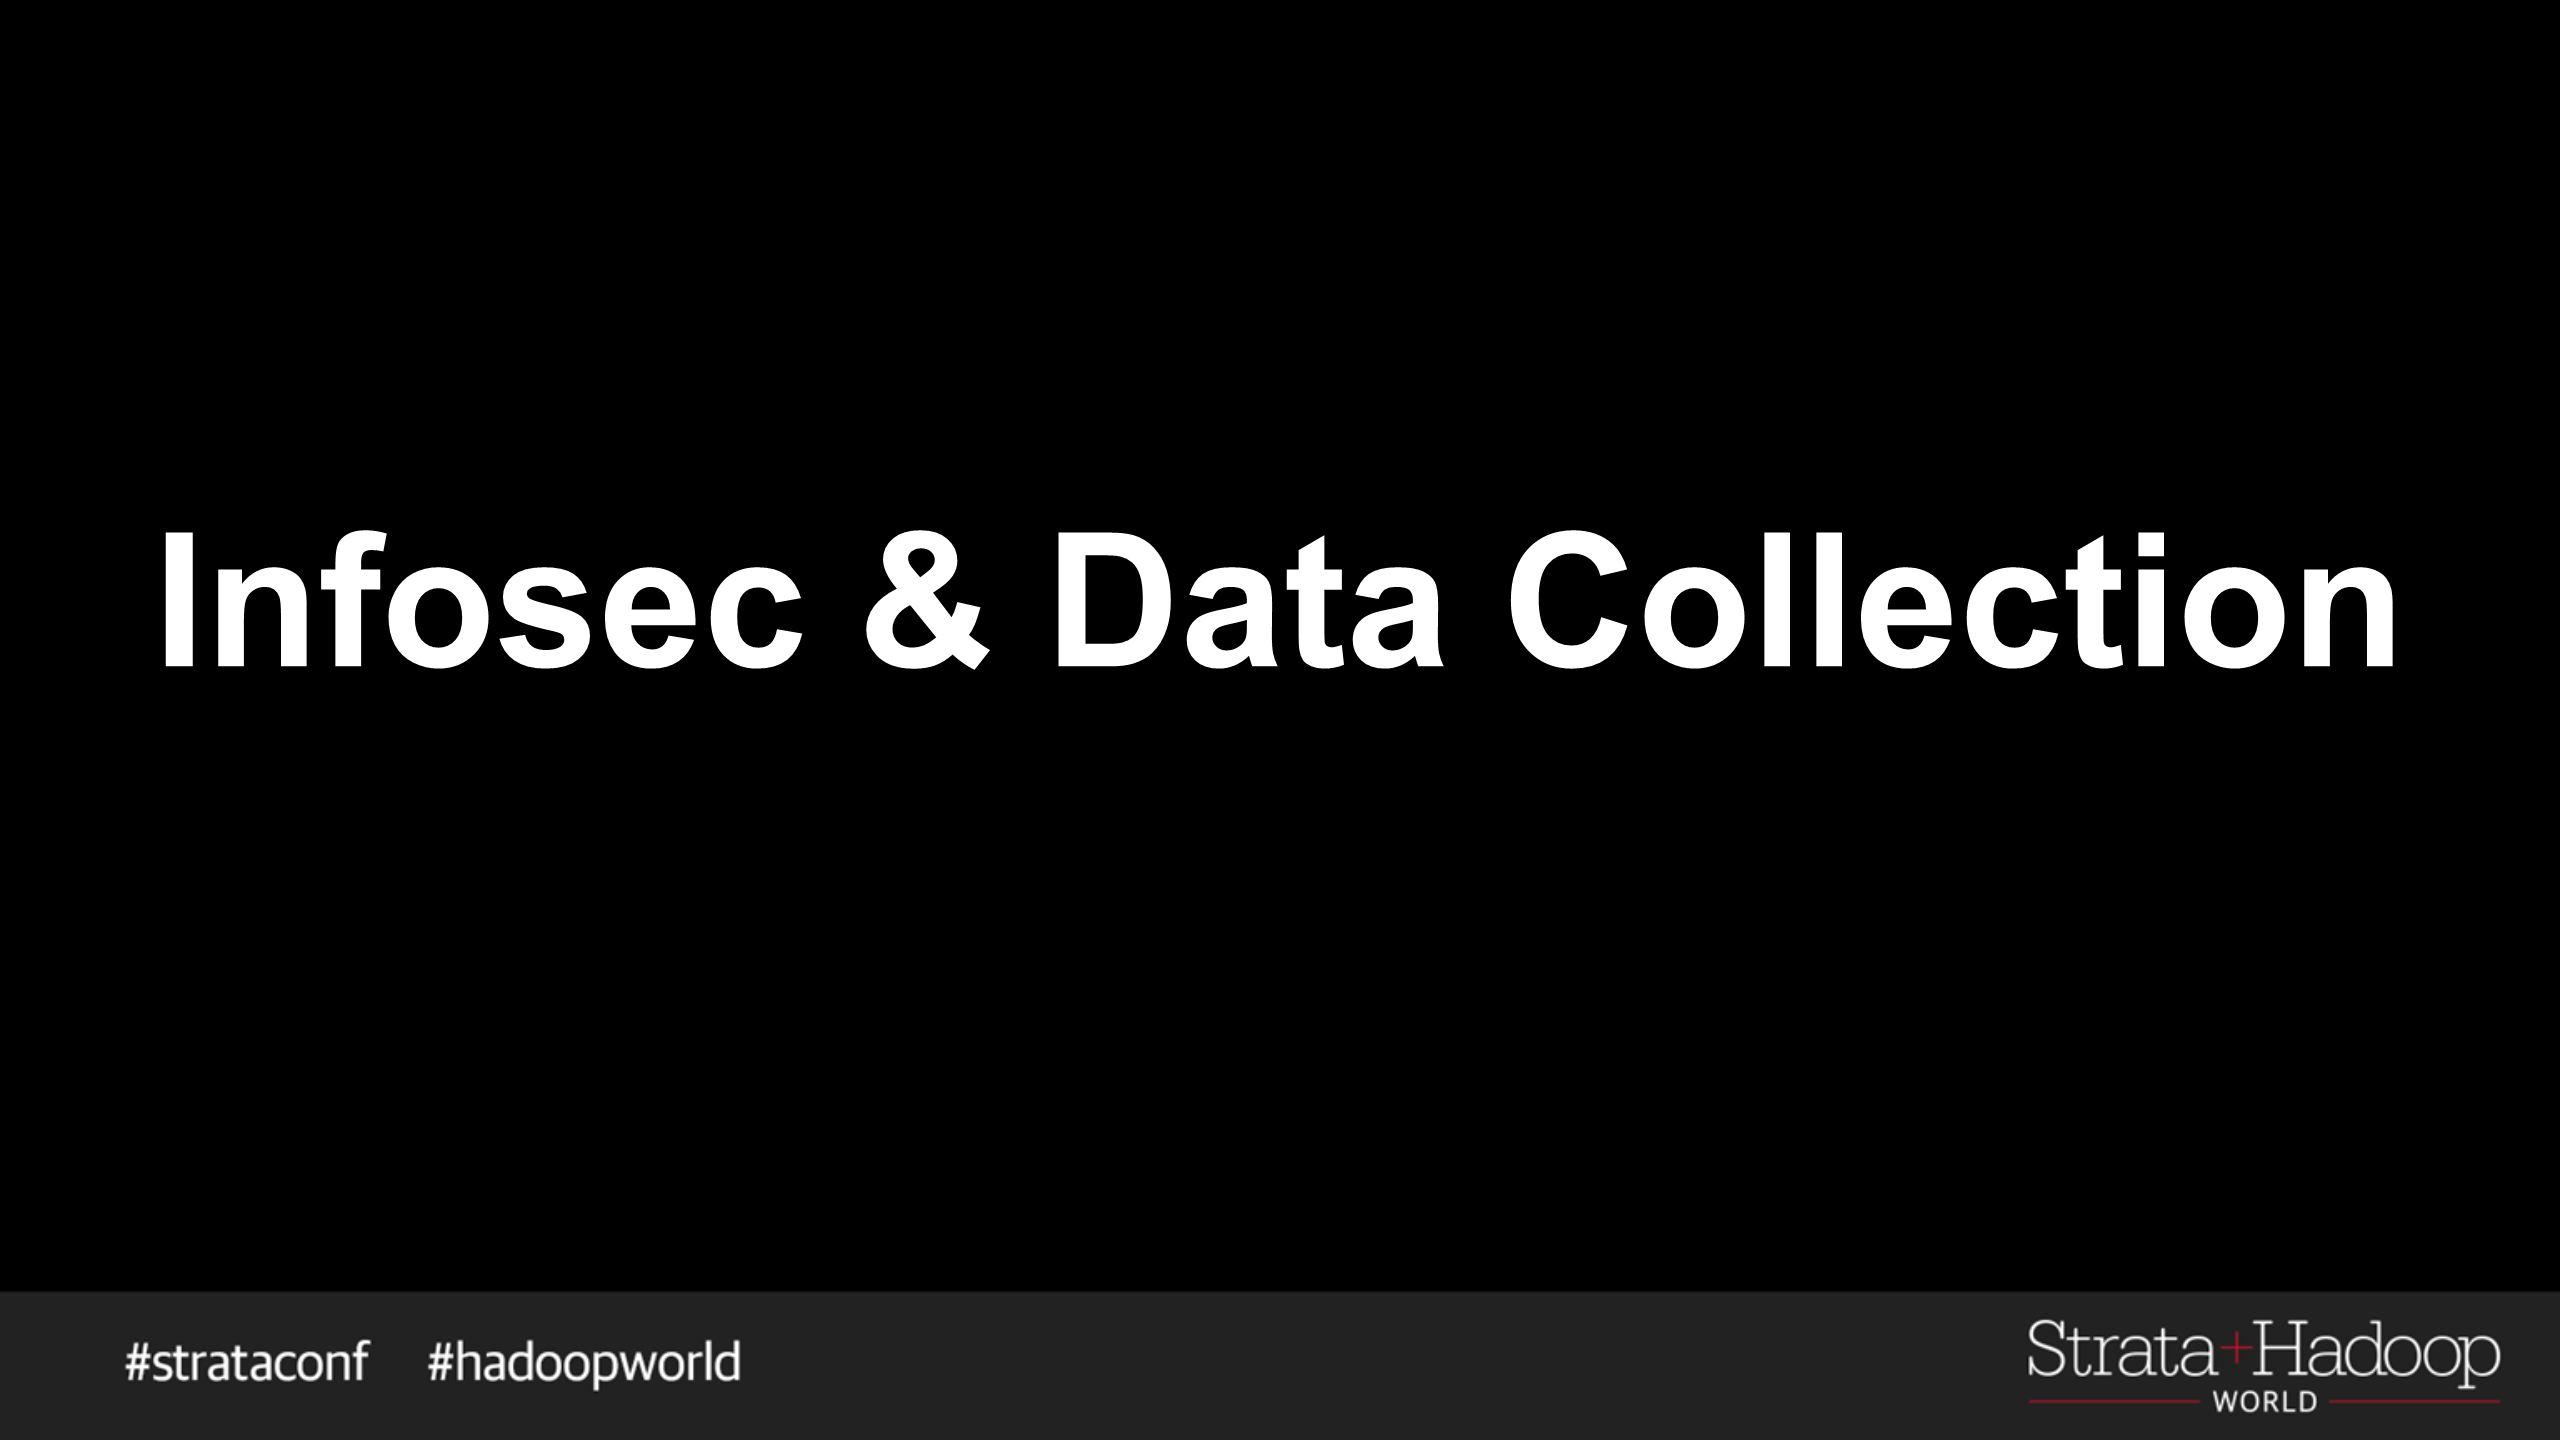 Infosec & Data Collection